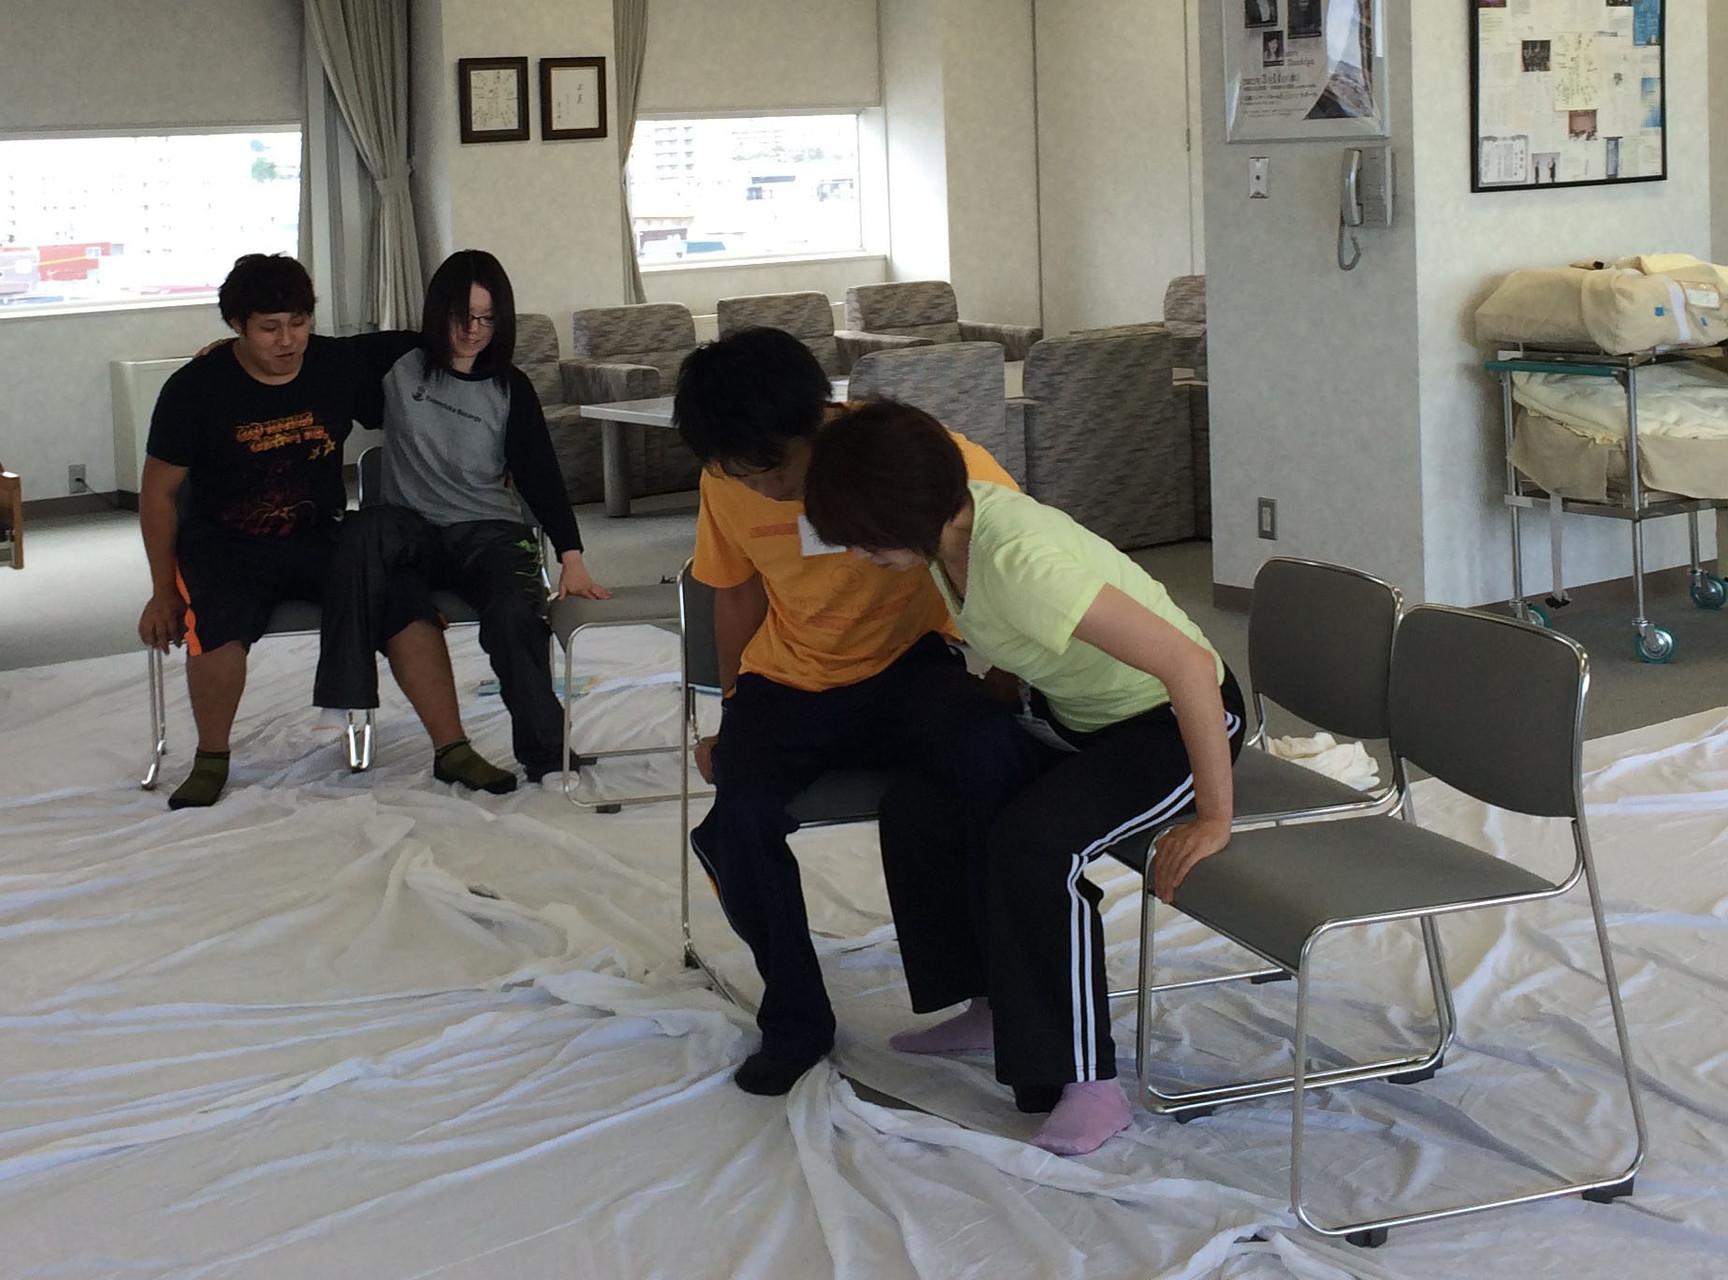 片足に障害がある方の椅子の上での移動を介助しています手前が介助する人